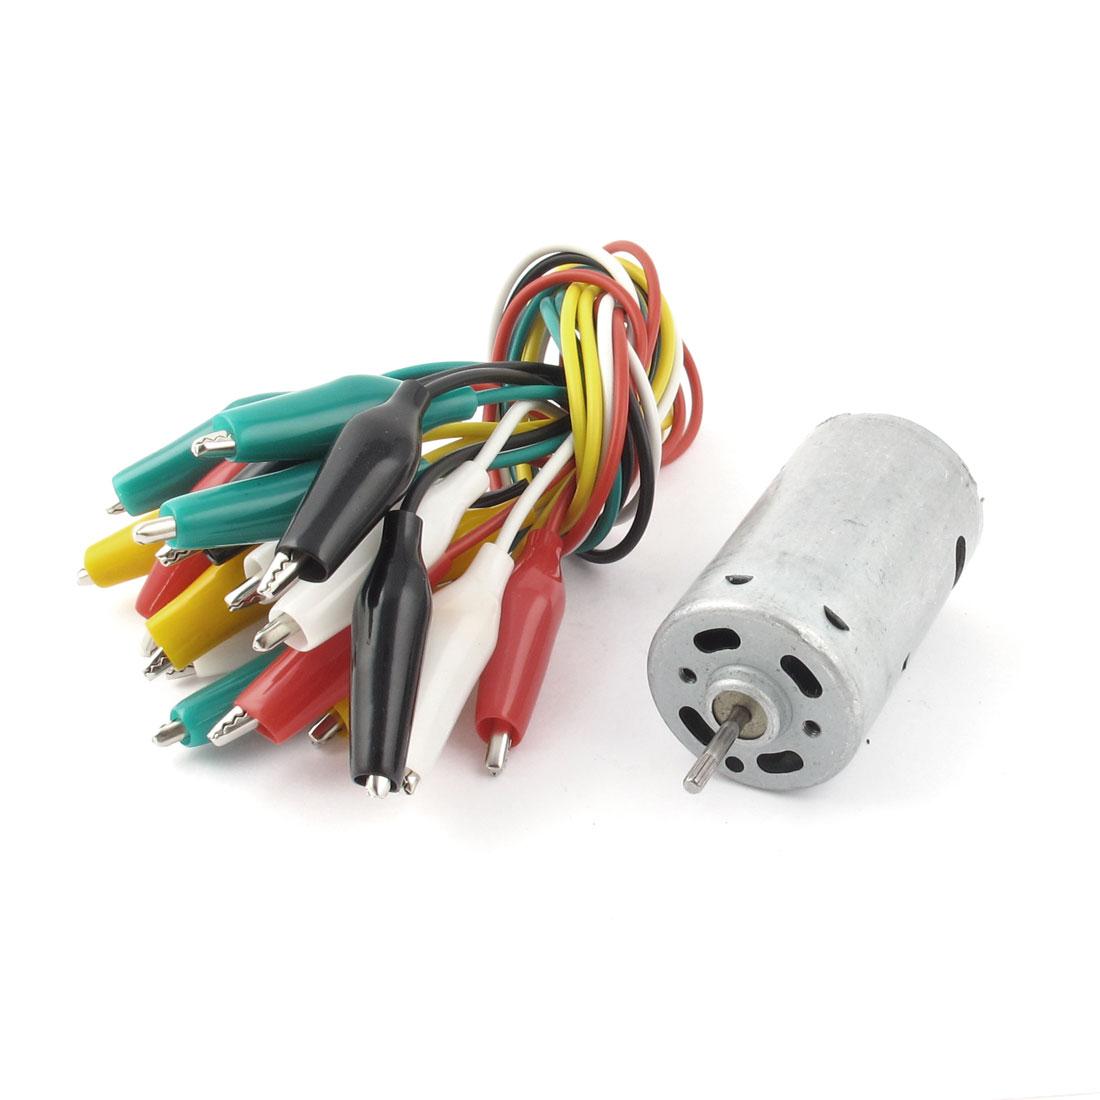 DC 6-12V Electric Mini Motor 9000RPM-15000RPM Speed + 10 Pcs Alligator Clip Wire